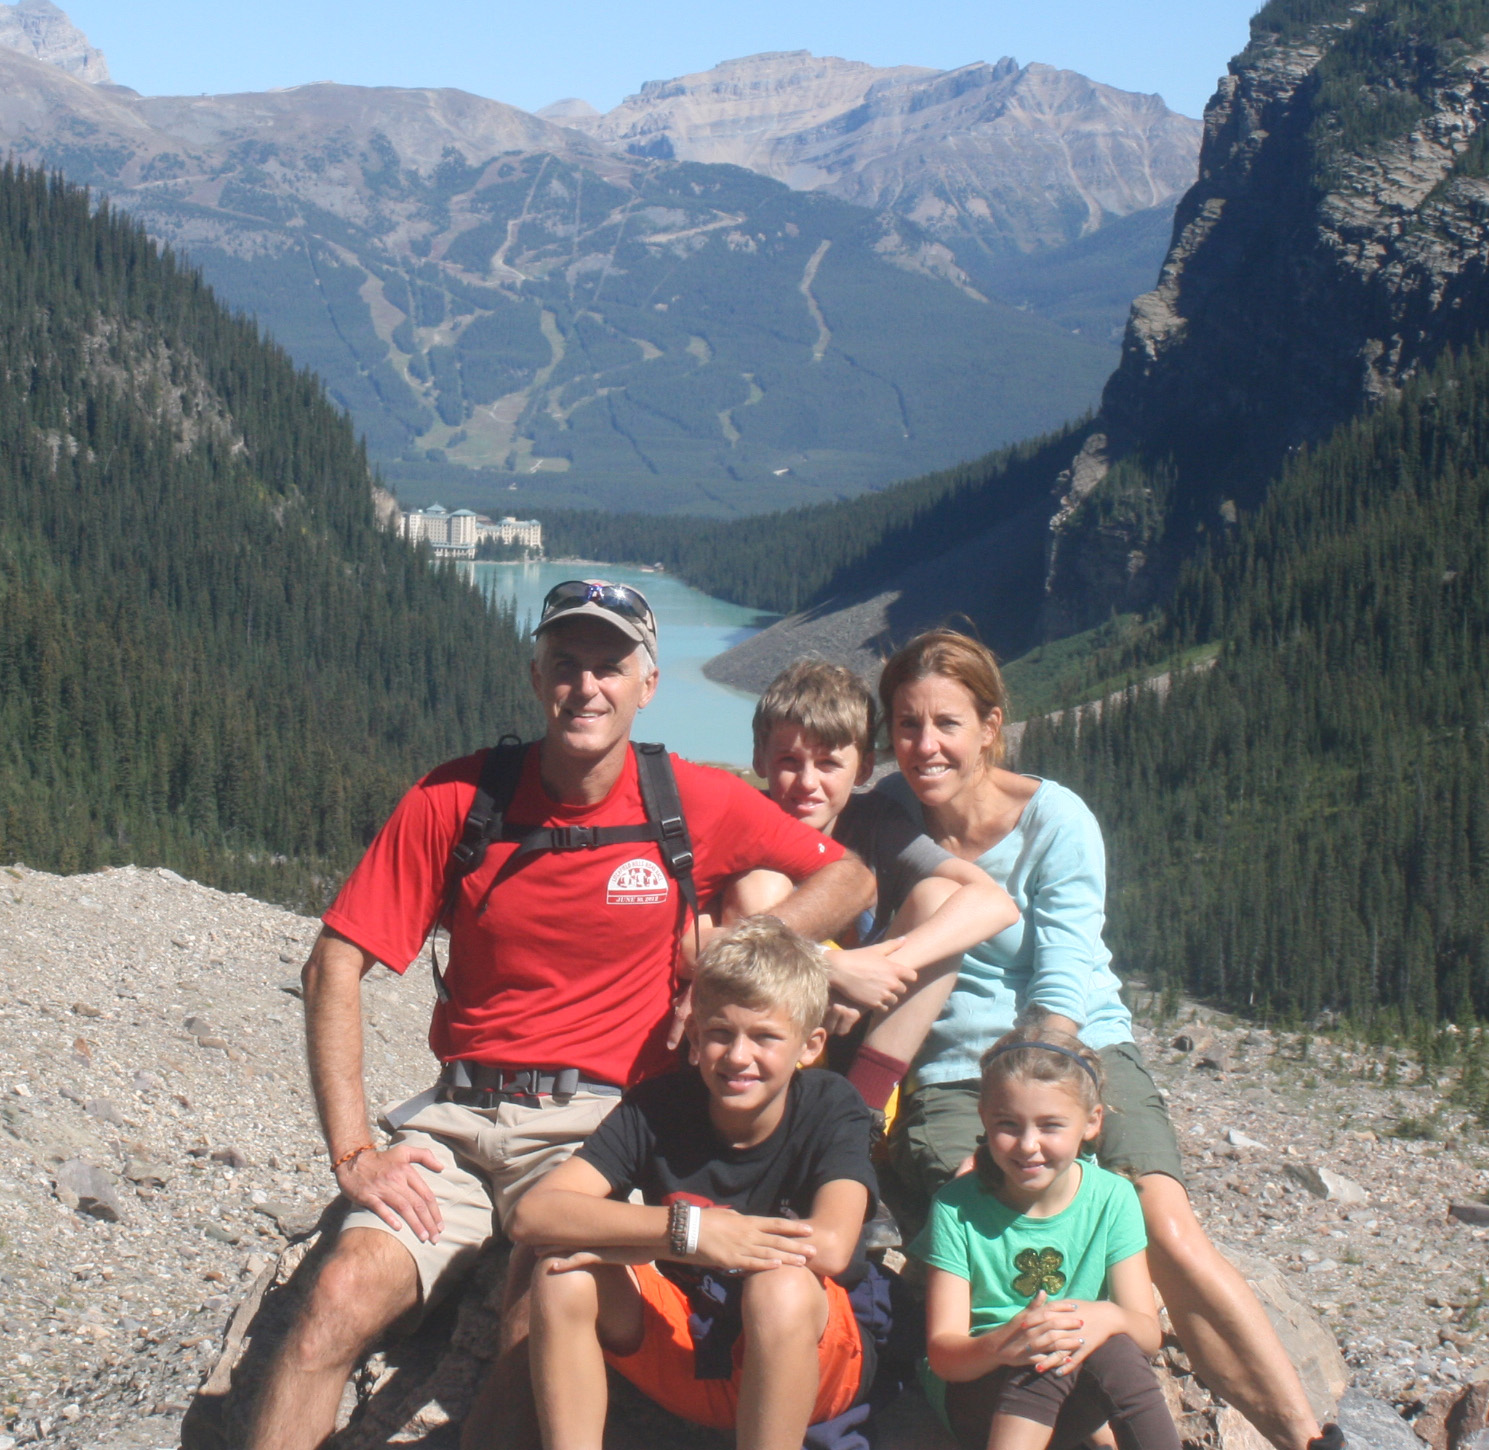 Canadia trip 2013